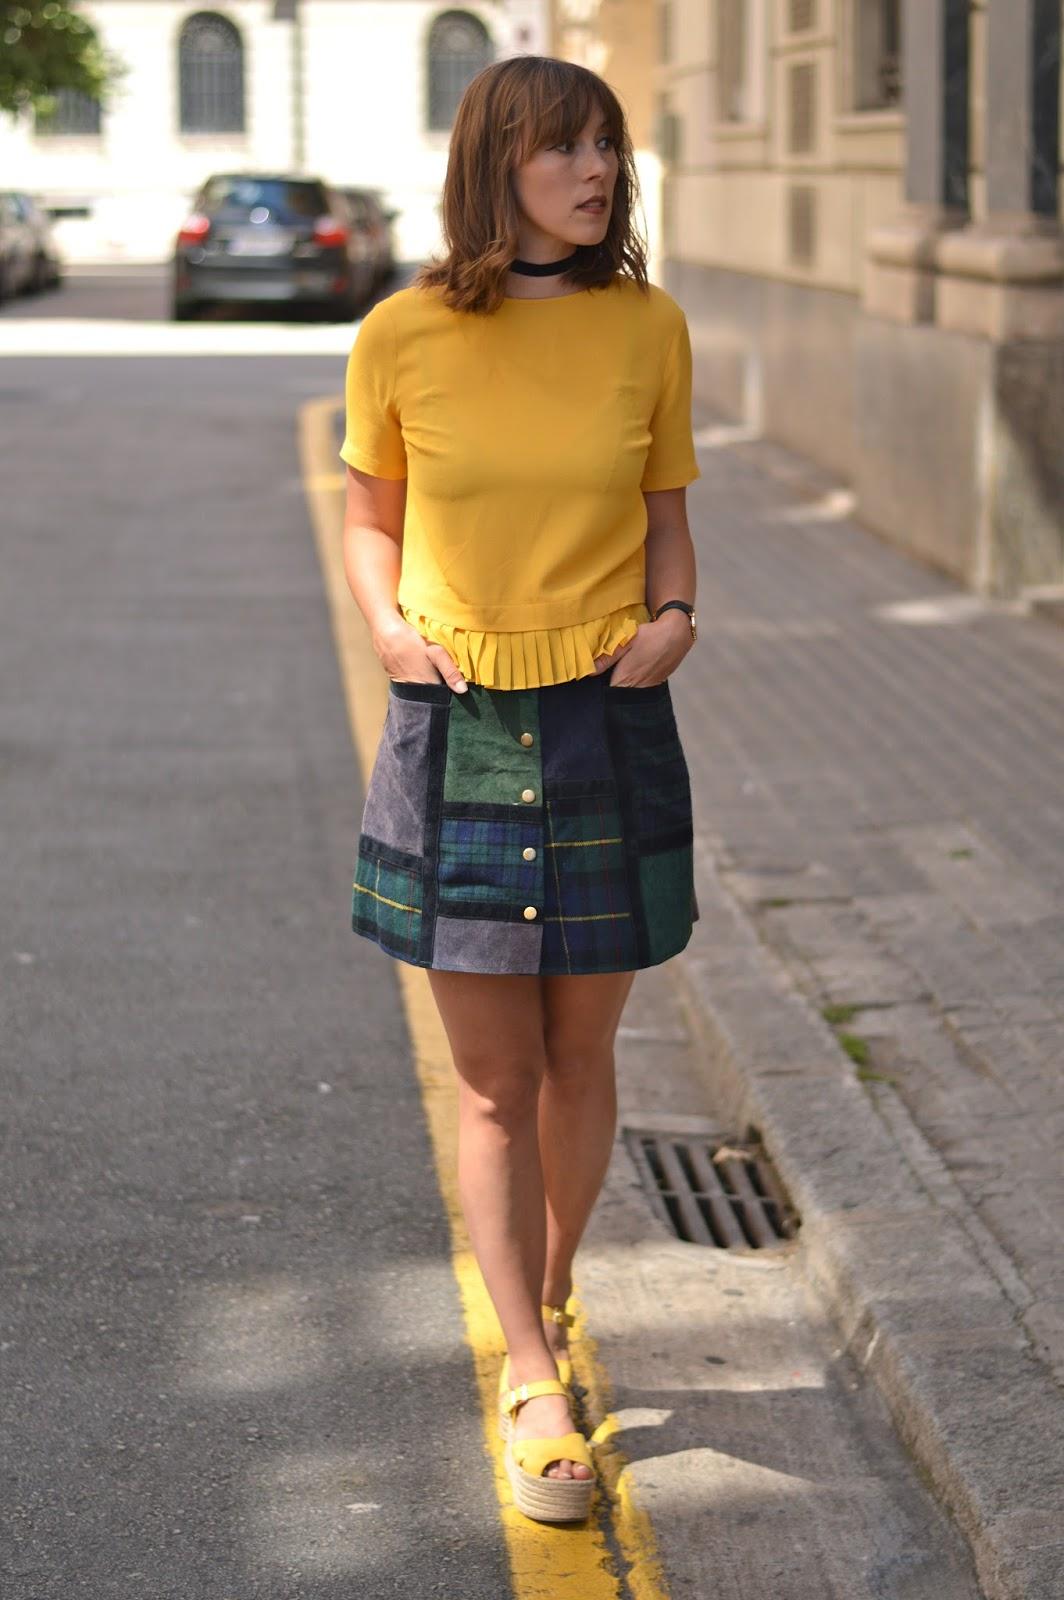 Grunge nineties yellow